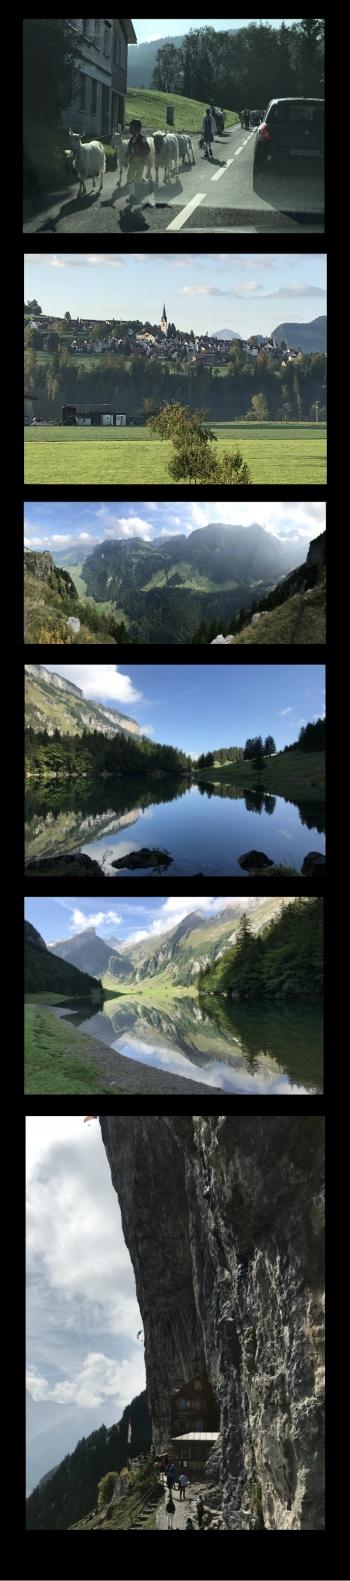 inde,suisse,voyage,nassen,ebenalp